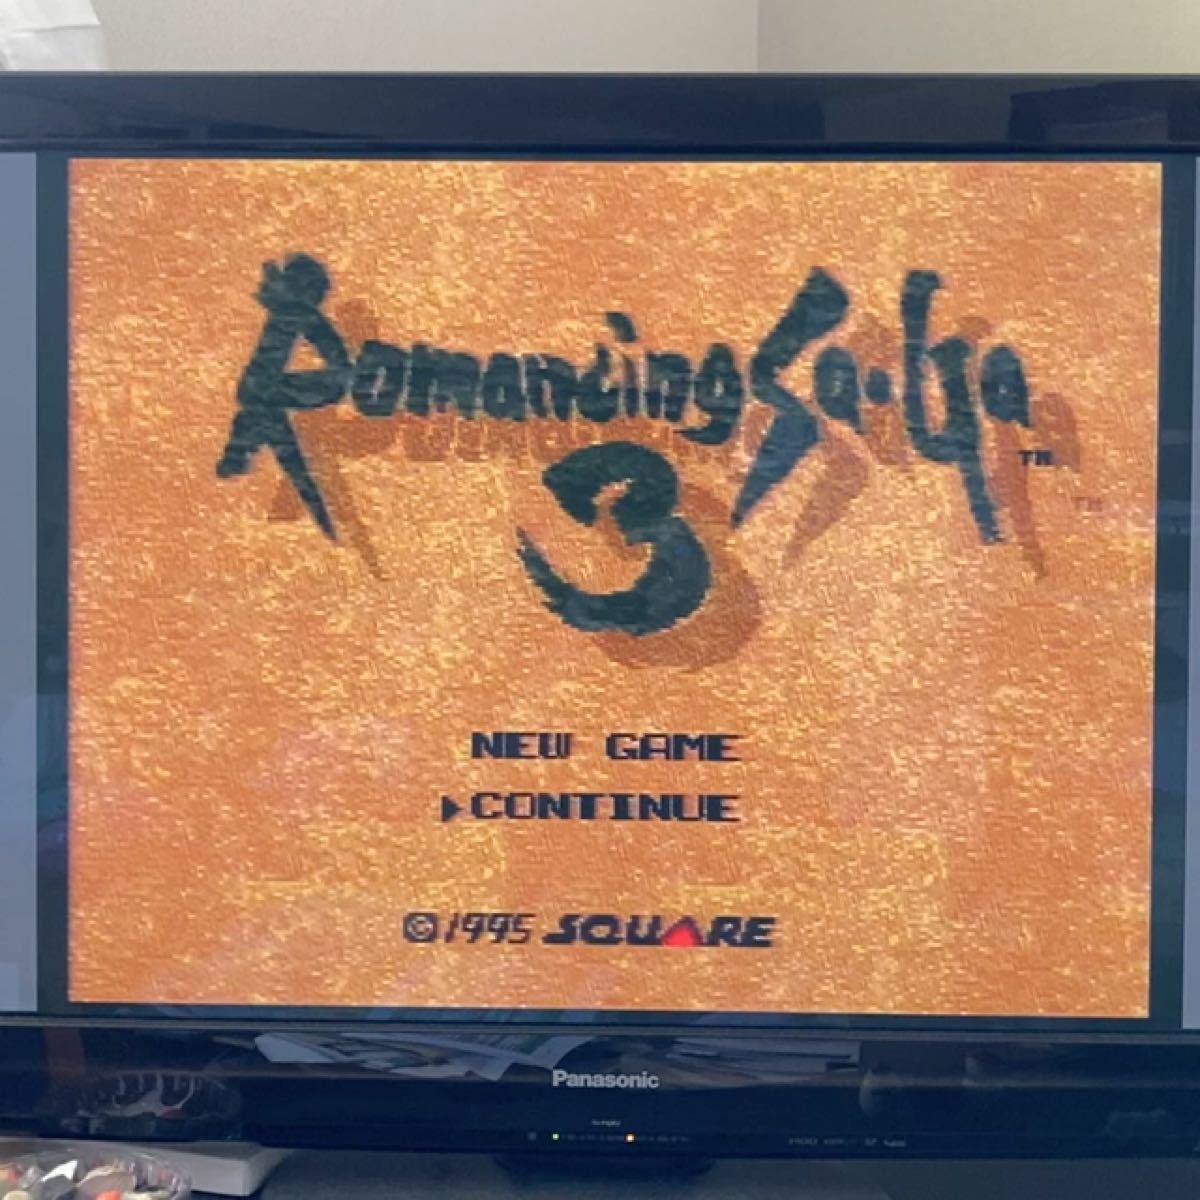 再値下げ 動作確認済 ロマンシング サ・ガ3 スーパーファミコンソフトのみ 箱・取扱説明書あり 任天堂